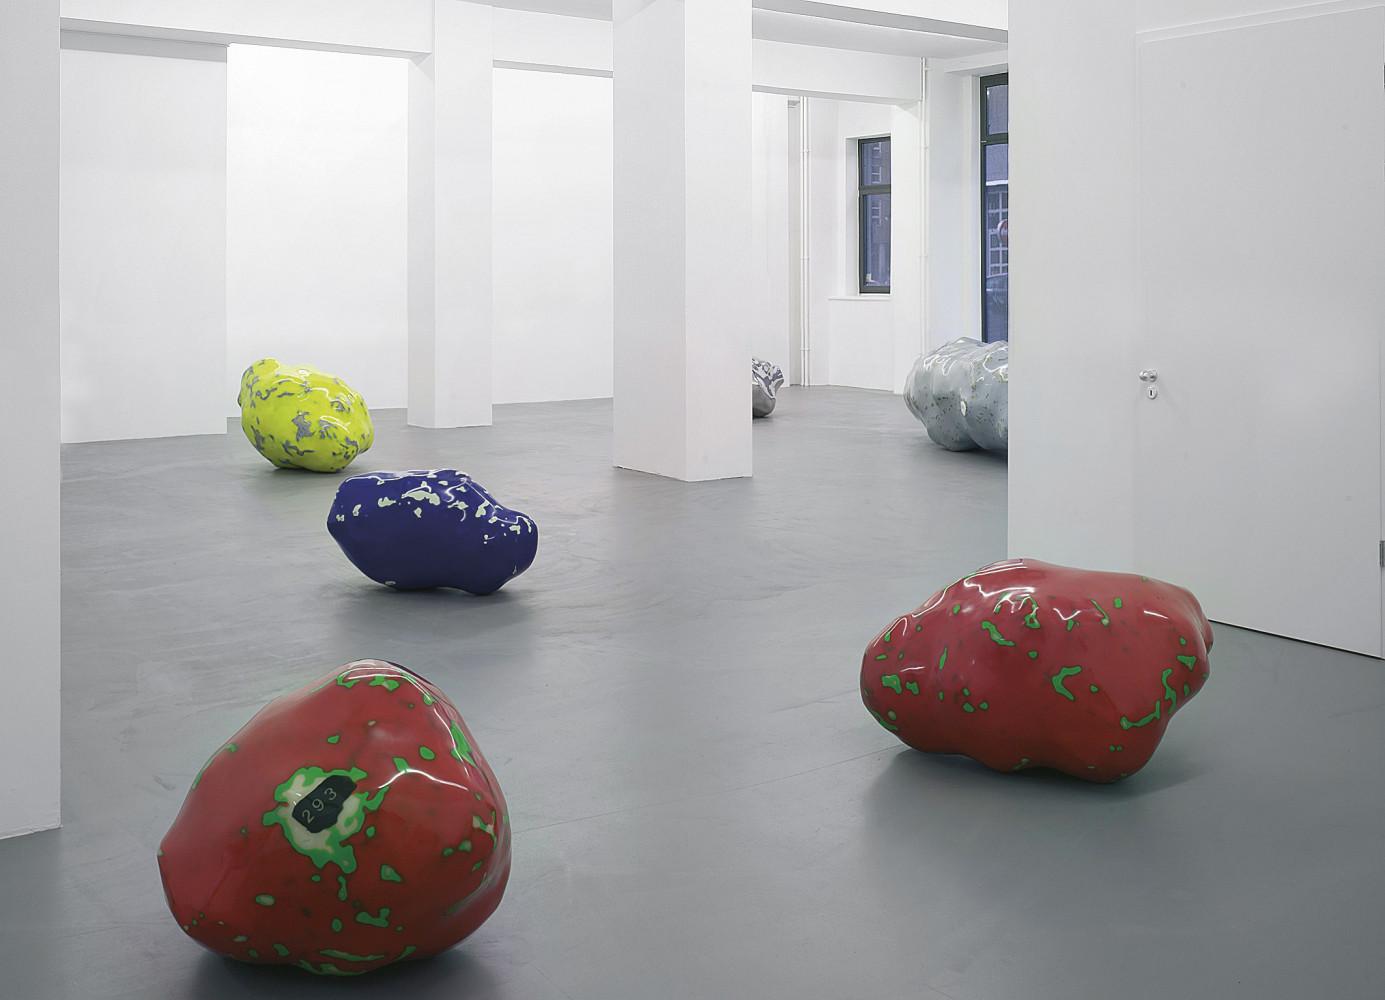 Wilhelm Mundt, '285 - 289 - 299 - 305 - 306', Installation view, Buchmann Galerie, 2006